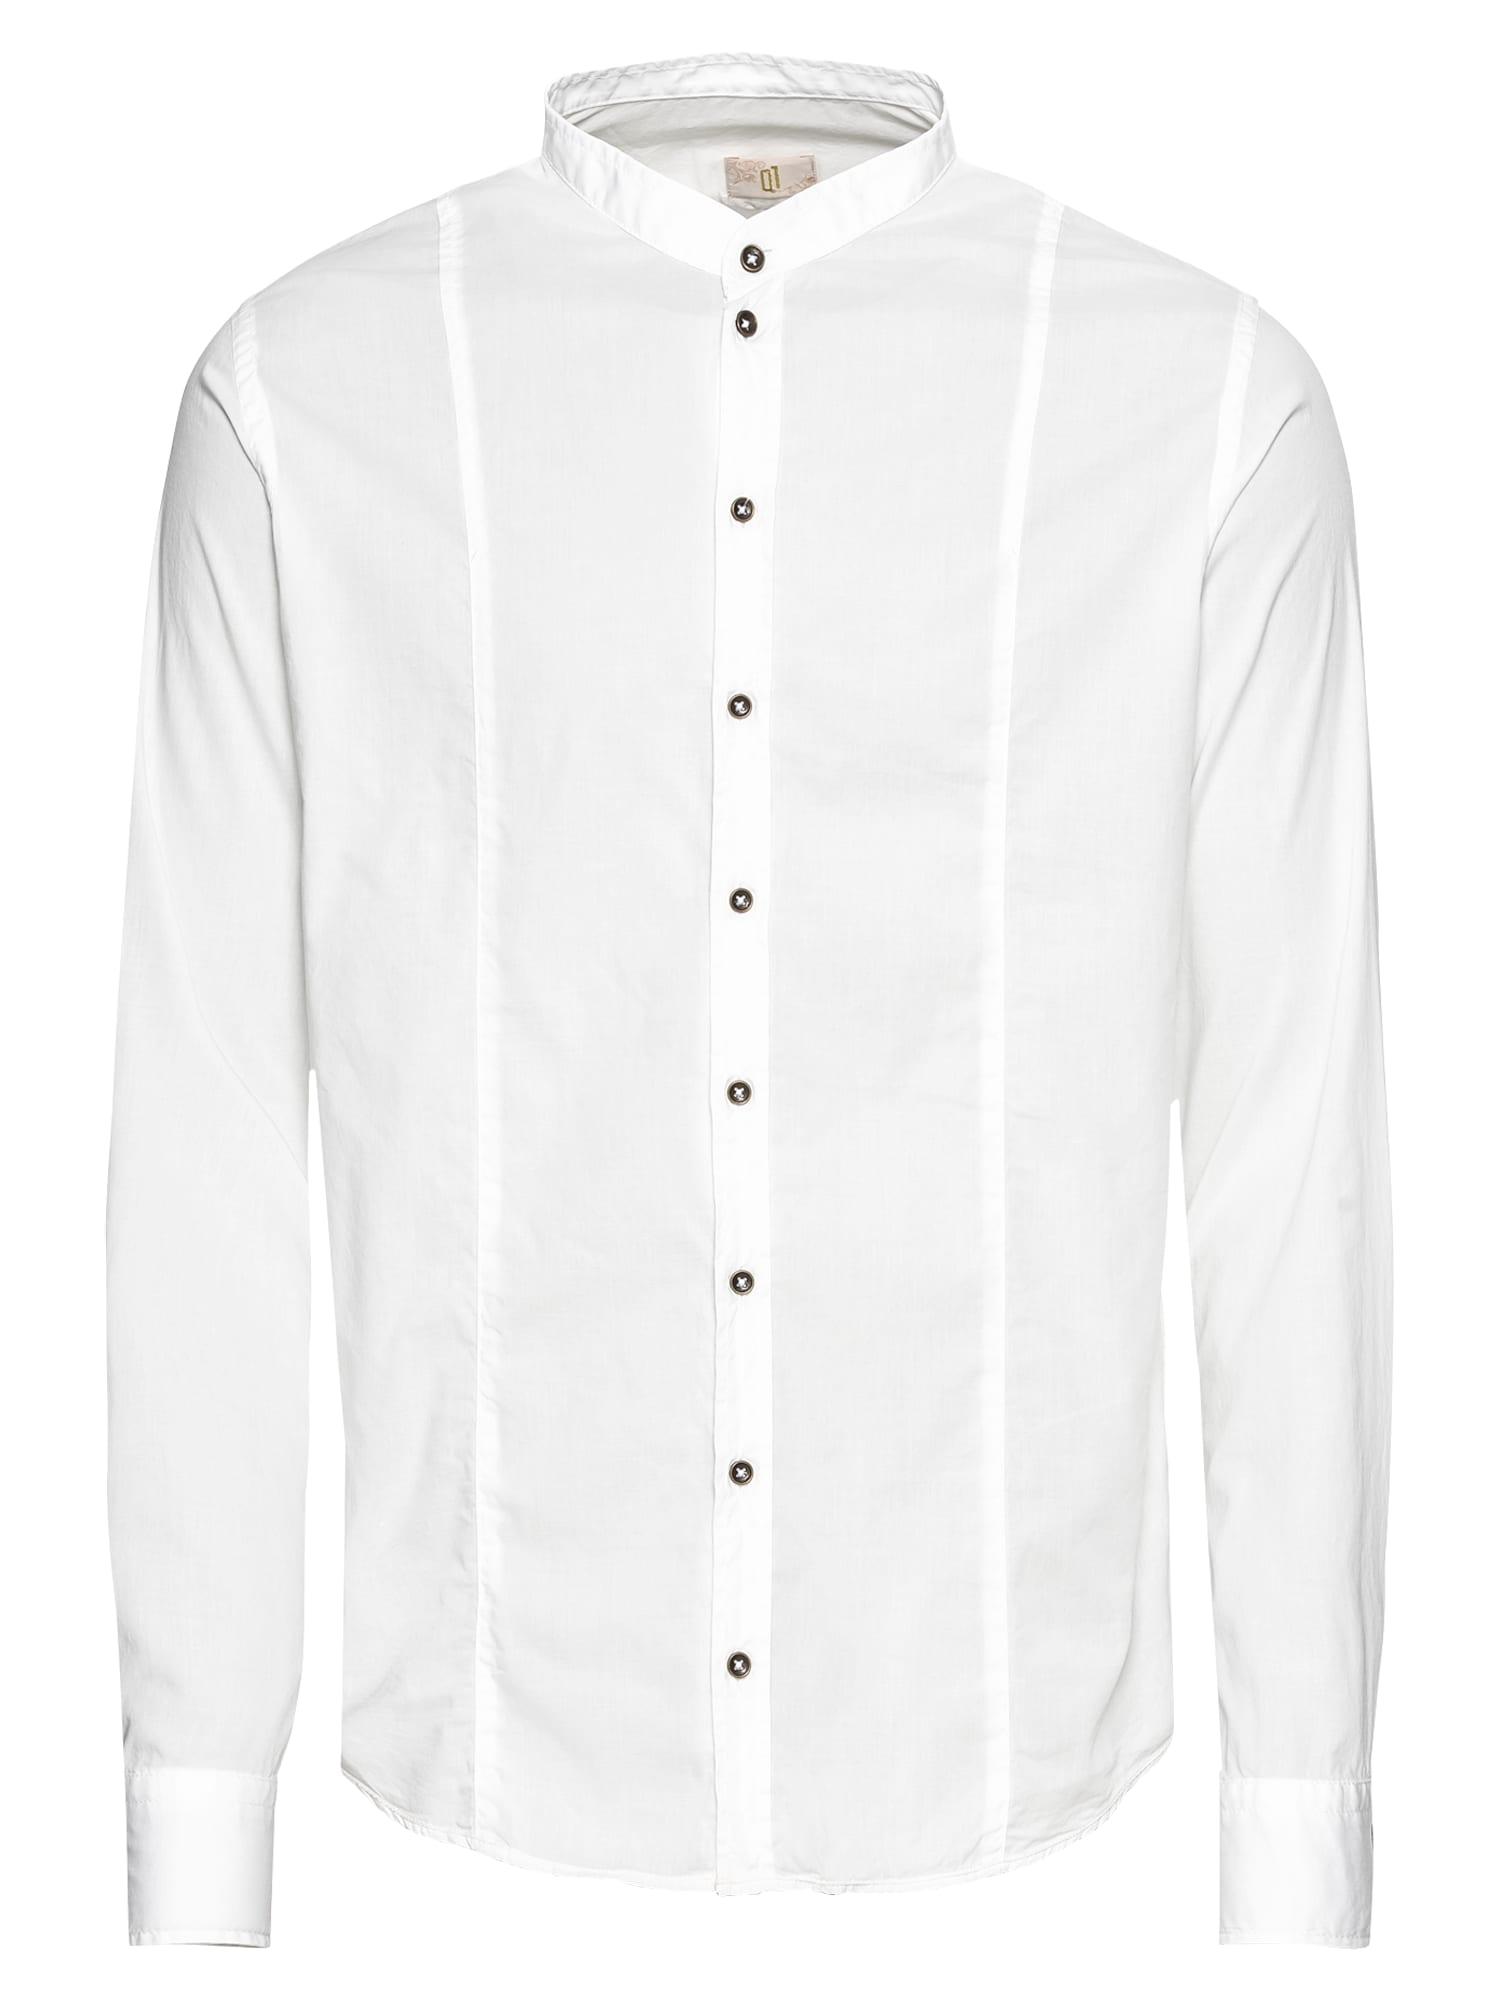 Společenská košile Rene bílá Q1